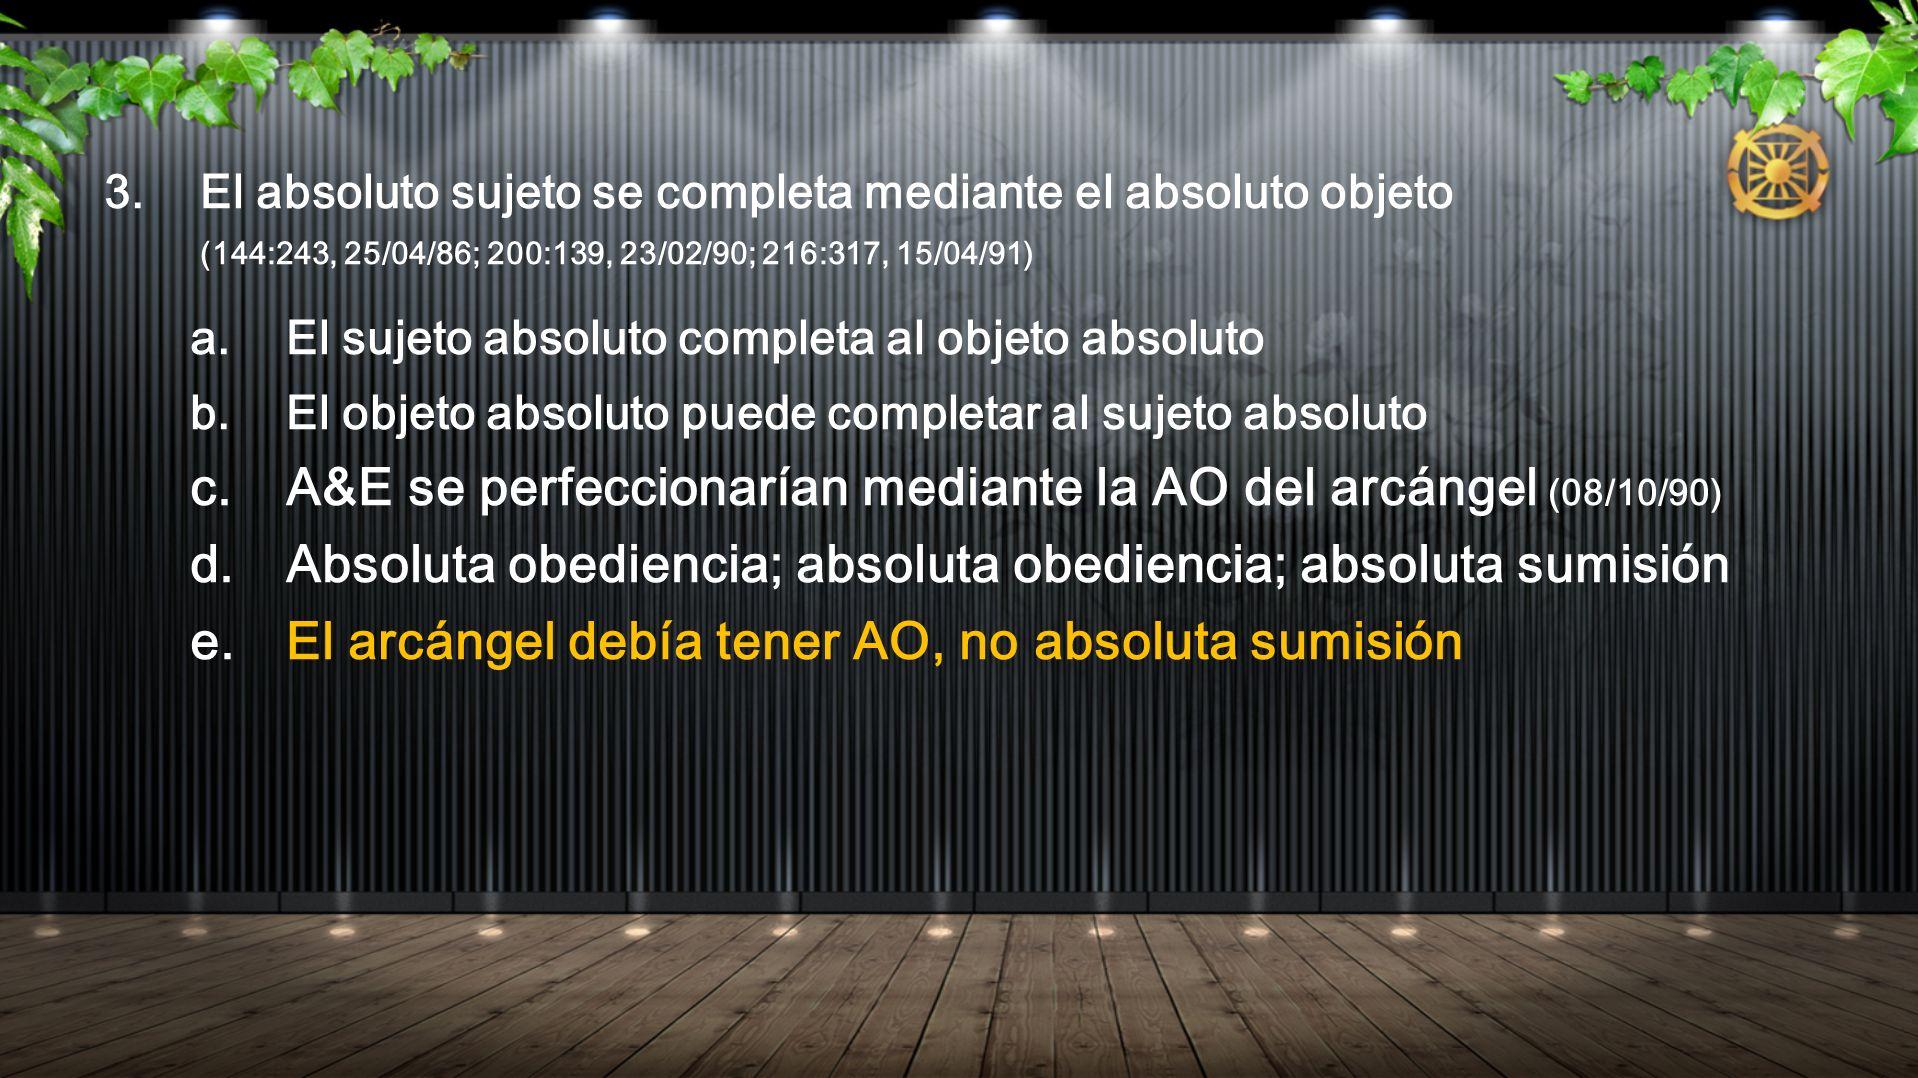 A&E se perfeccionarían mediante la AO del arcángel (08/10/90)